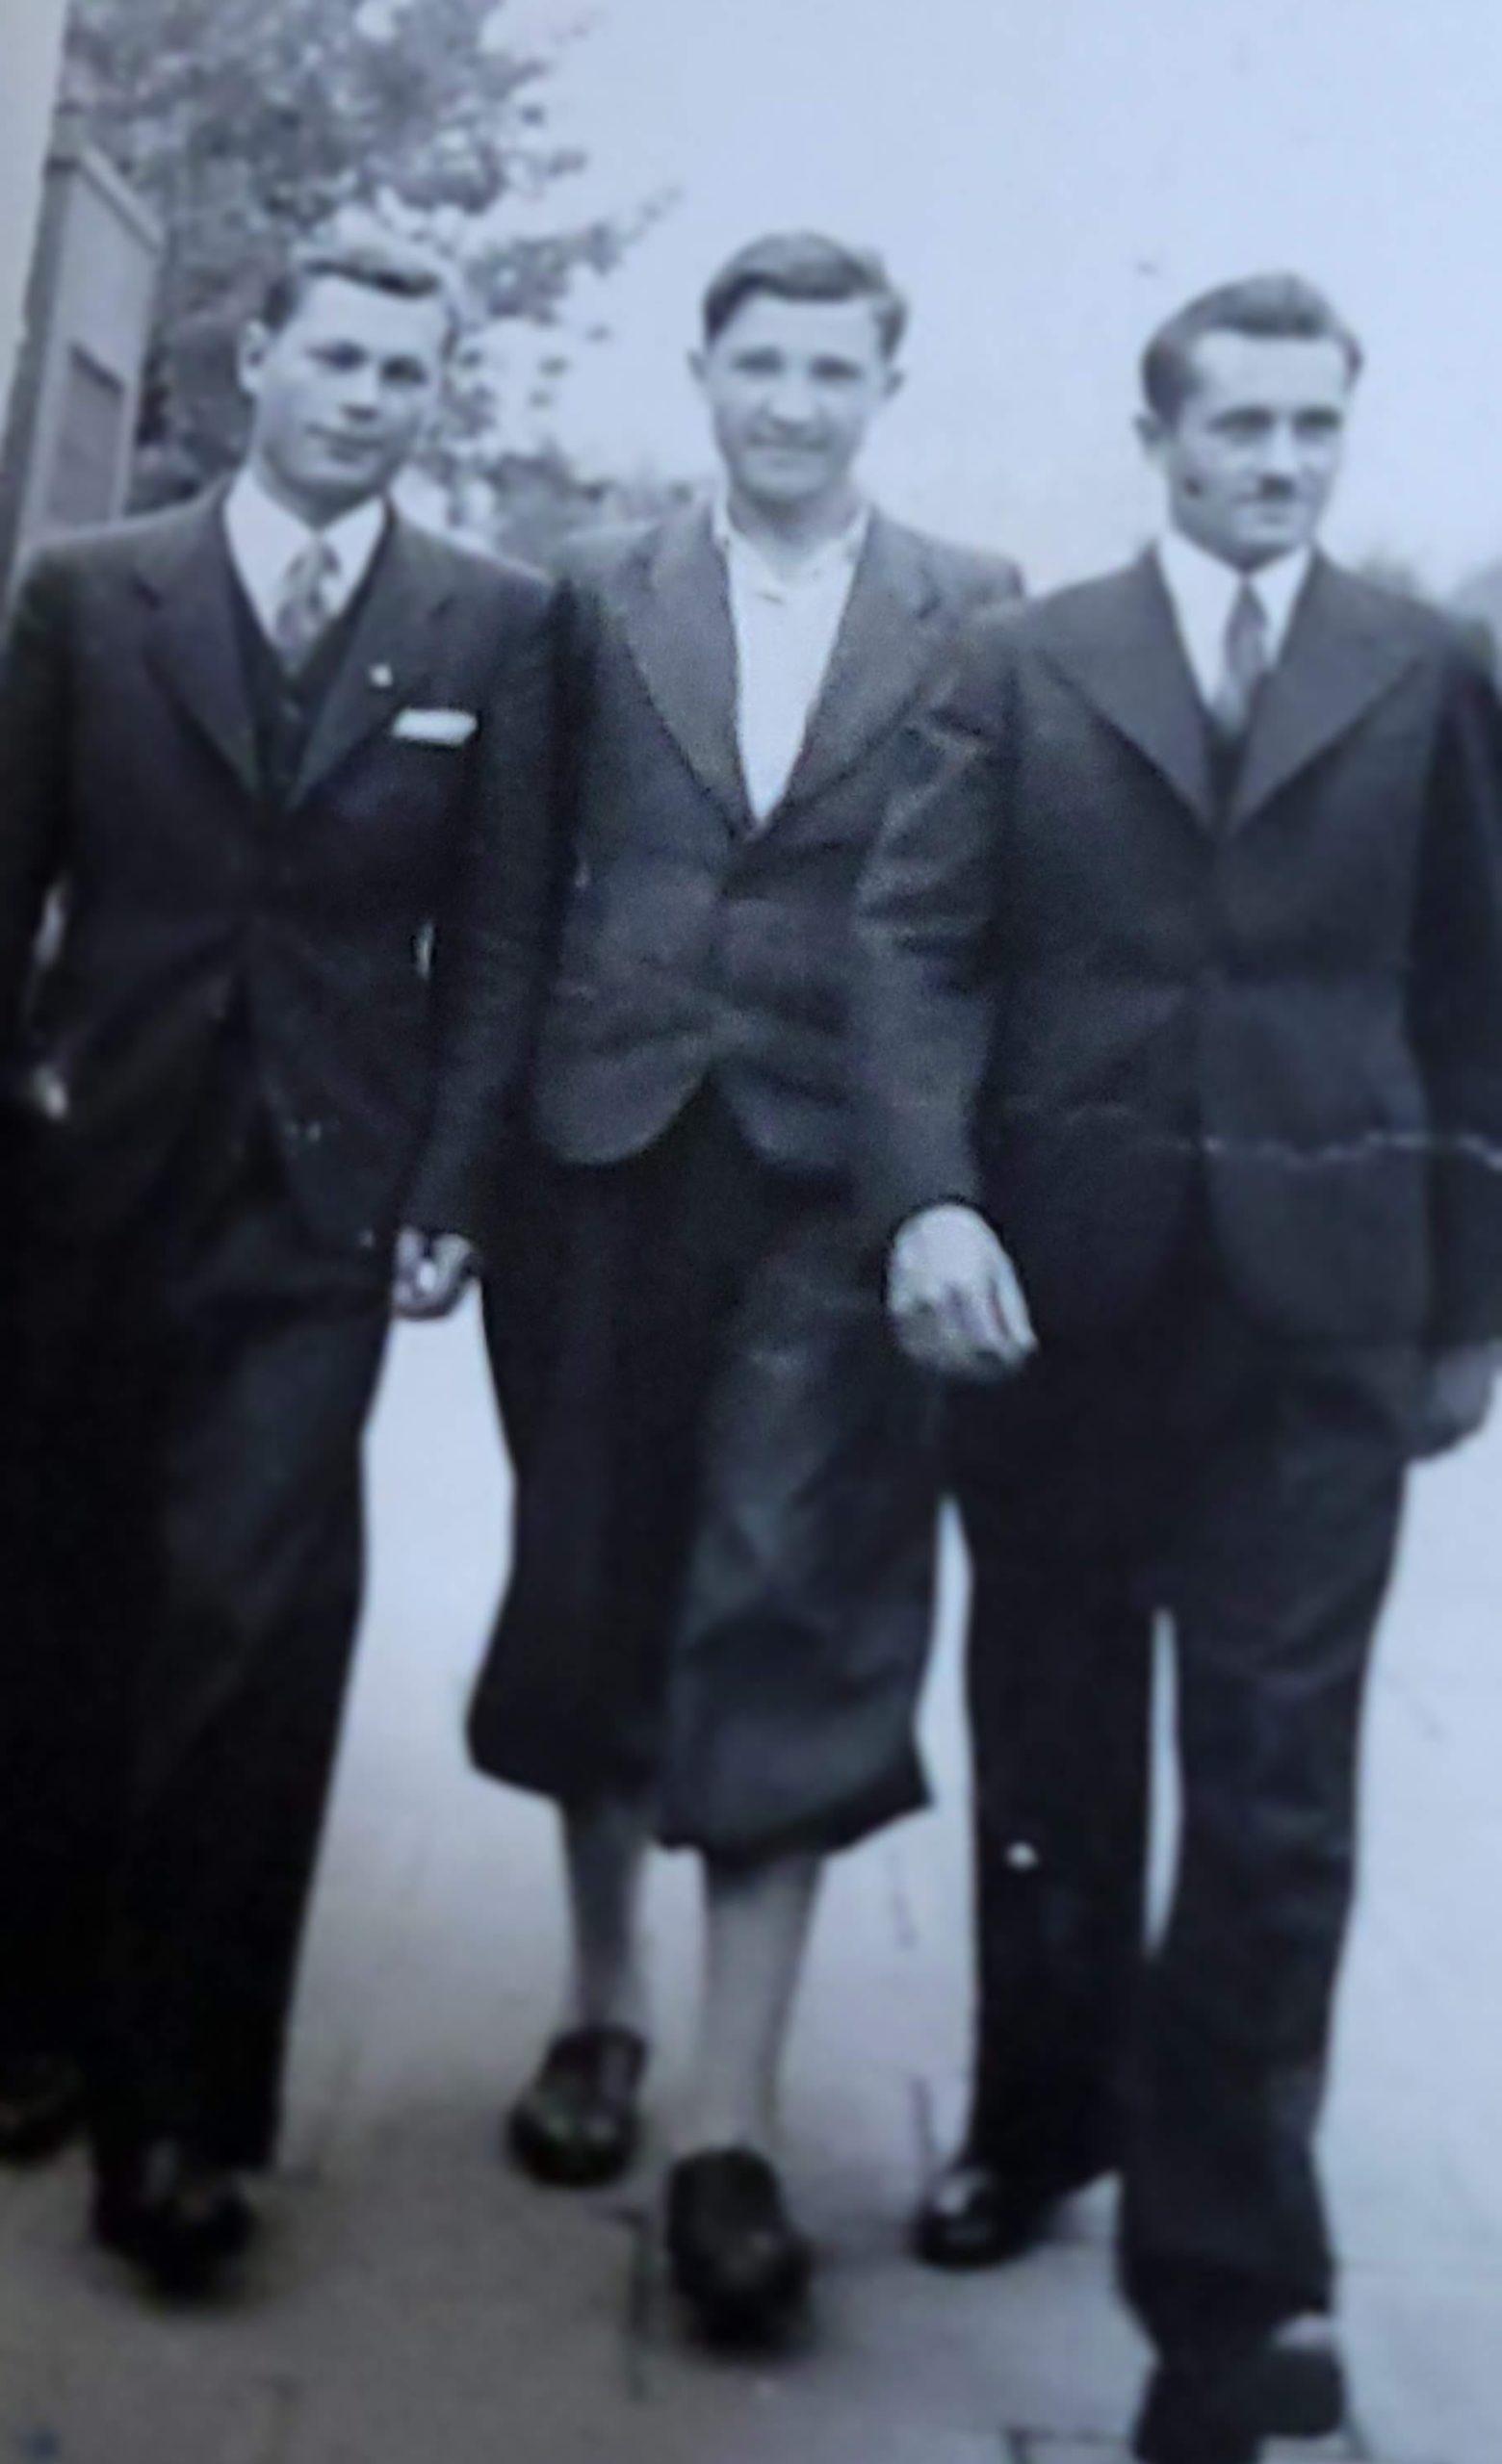 1930s, friends in Europe